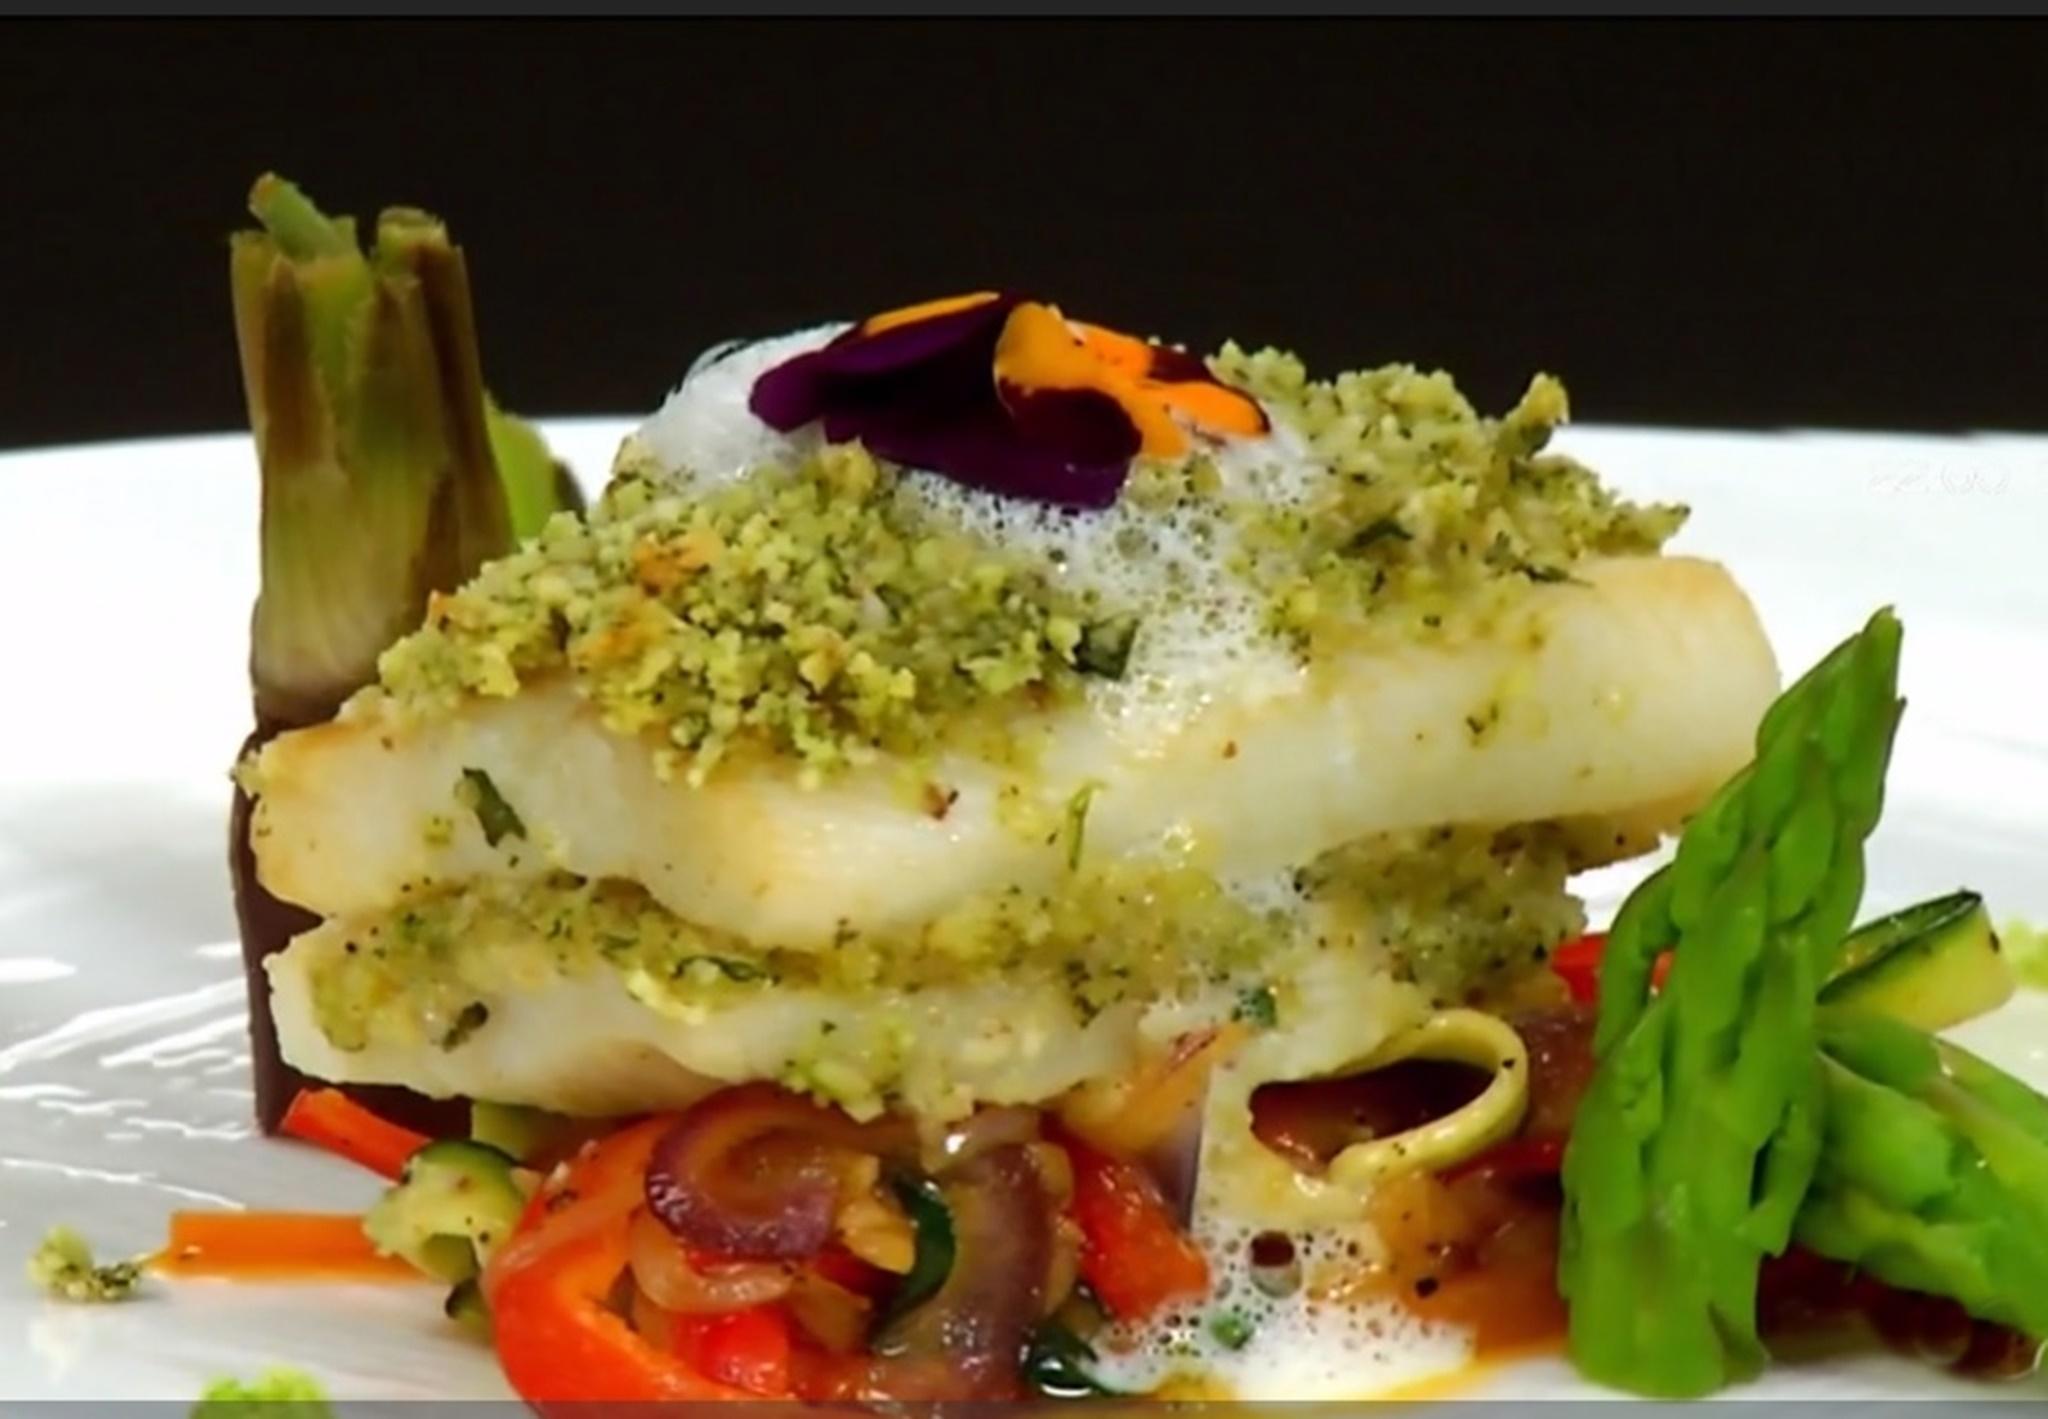 Tilapia în crustă de alune cu legume caramelizate și spumă de usturoi